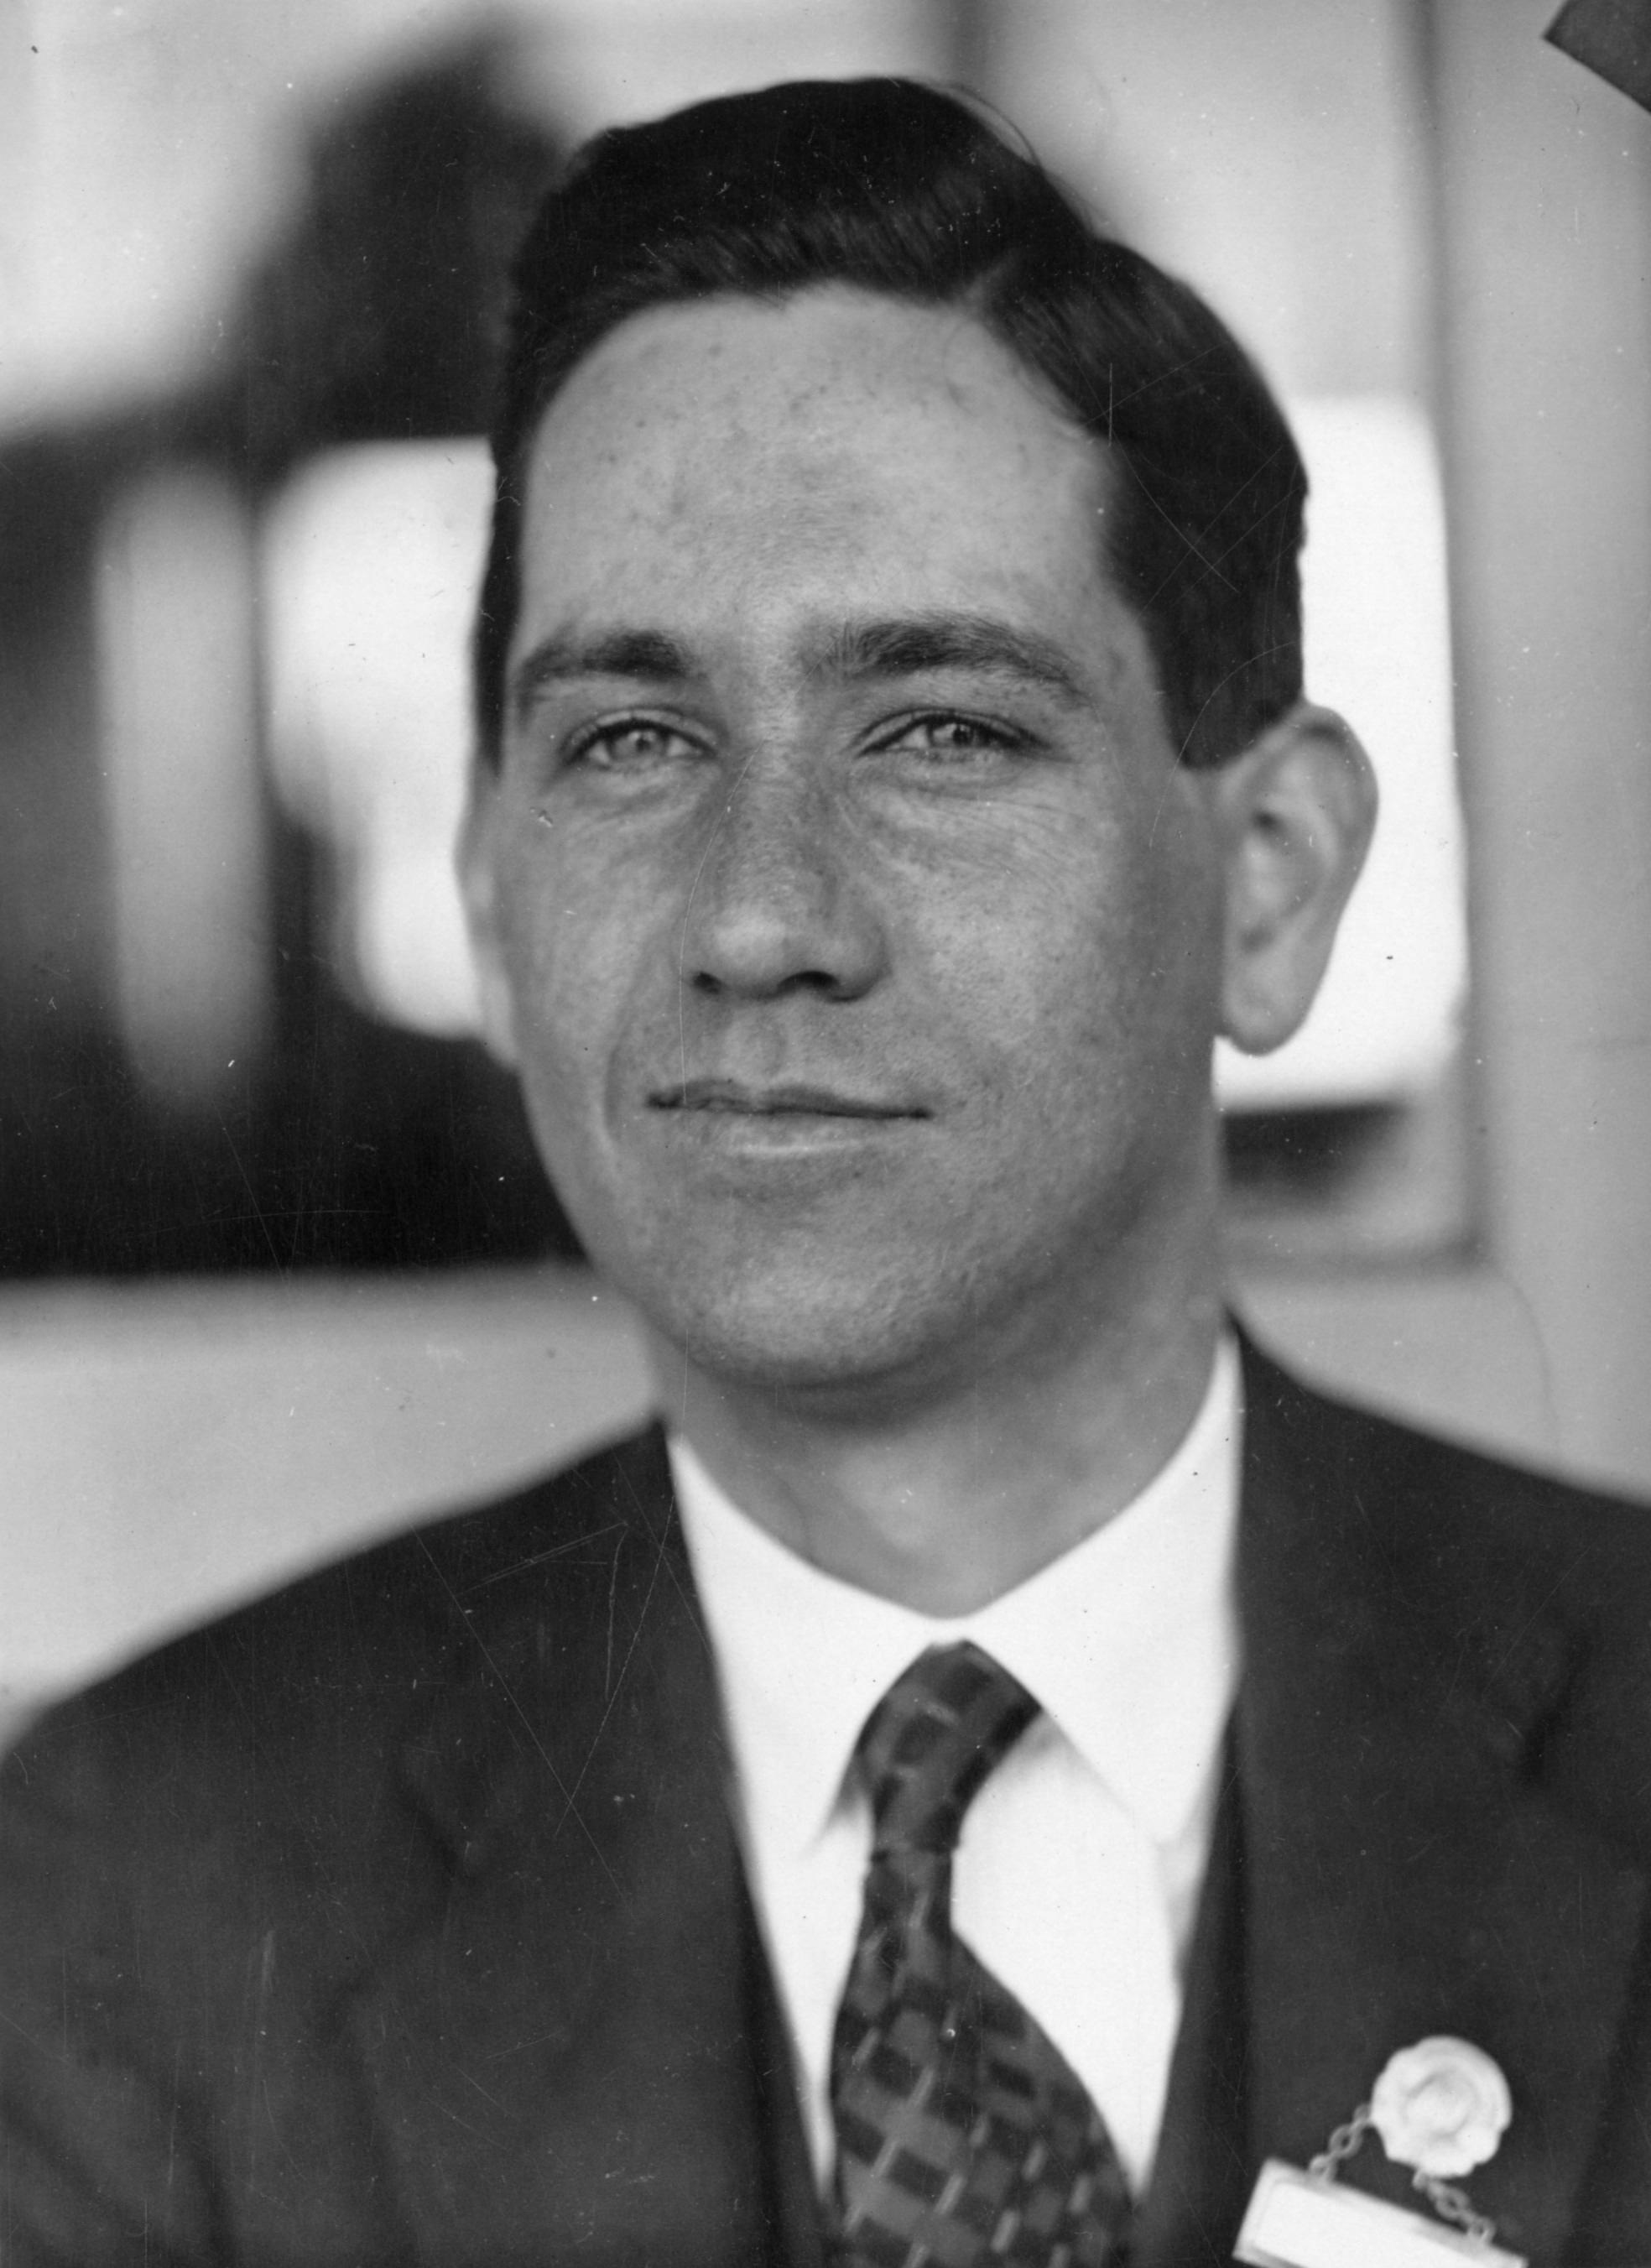 image of Frederick George Holdaway